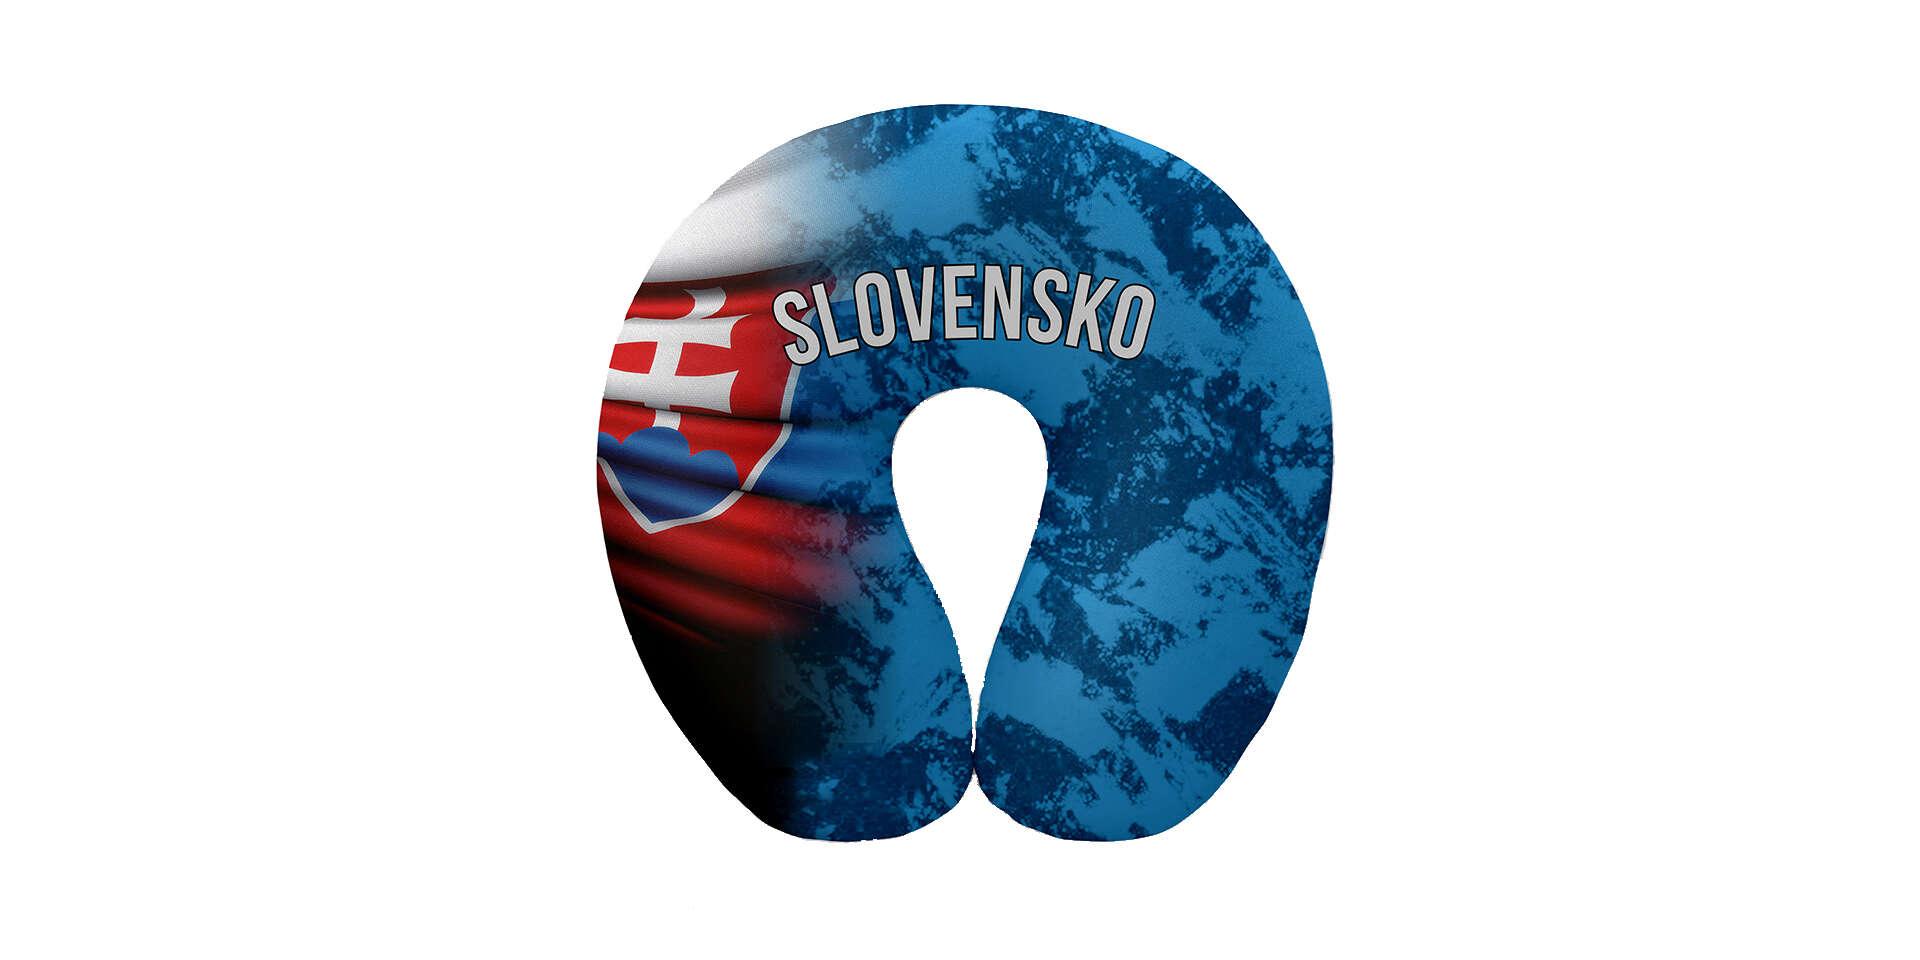 Pohodlný cestovný vankúš vo farbách slovenskej trikolóry